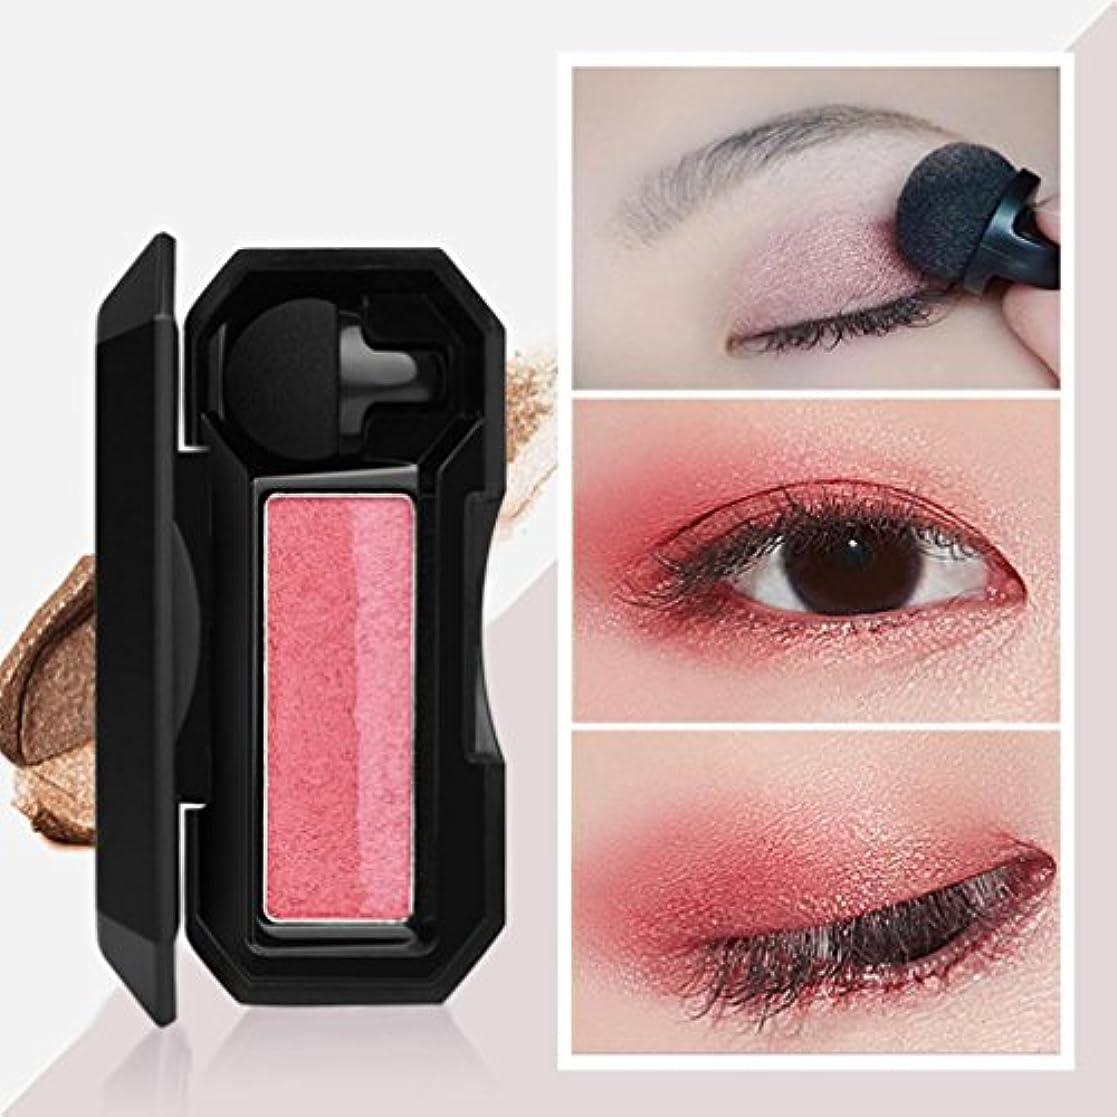 きらめき必要性リファインビューティー アイシャドー BOBOGOJP 女性 2色 可愛い デザイン ミニスタンプアイシャドーパレット 携帯便利 極め細かい 化粧パウダー 持続性 スモーキーメイク (21A)